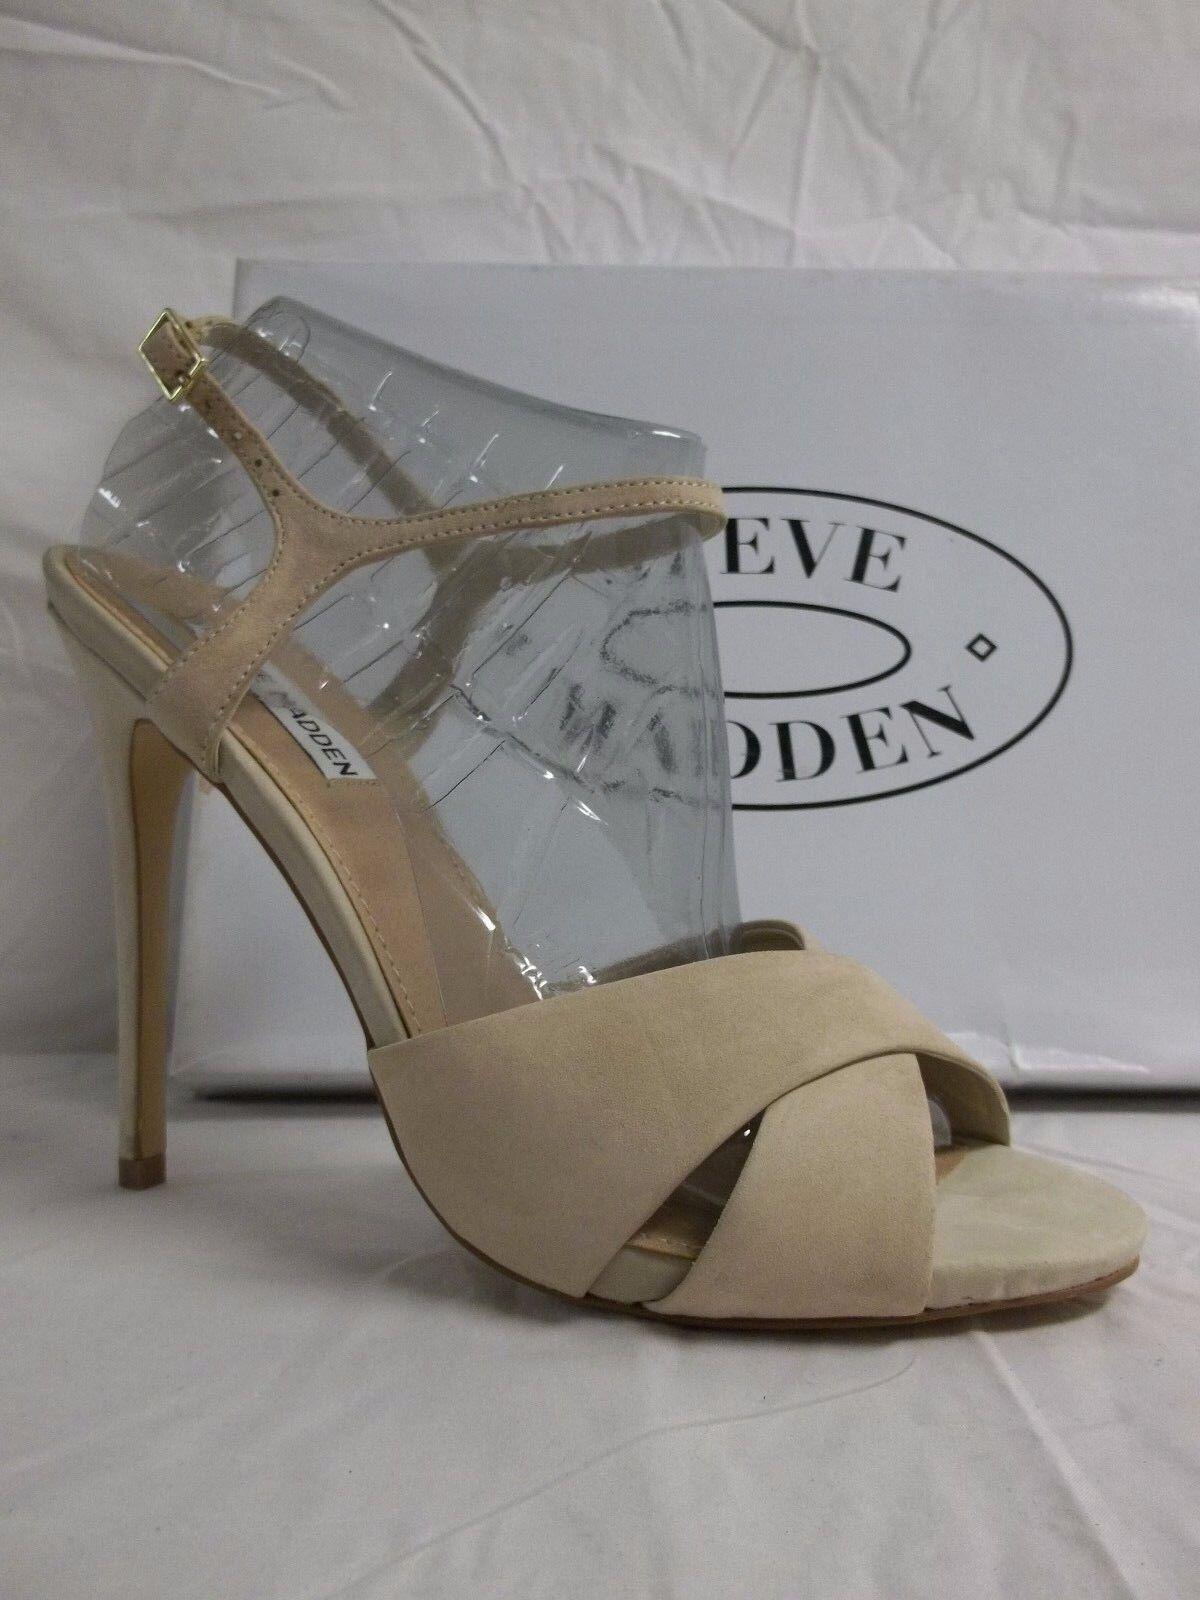 economico e alla moda Steve Madden Dimensione 10 M Make Mee Natural Leather Open Open Open Toe Heels New donna scarpe  marchi di stilisti economici